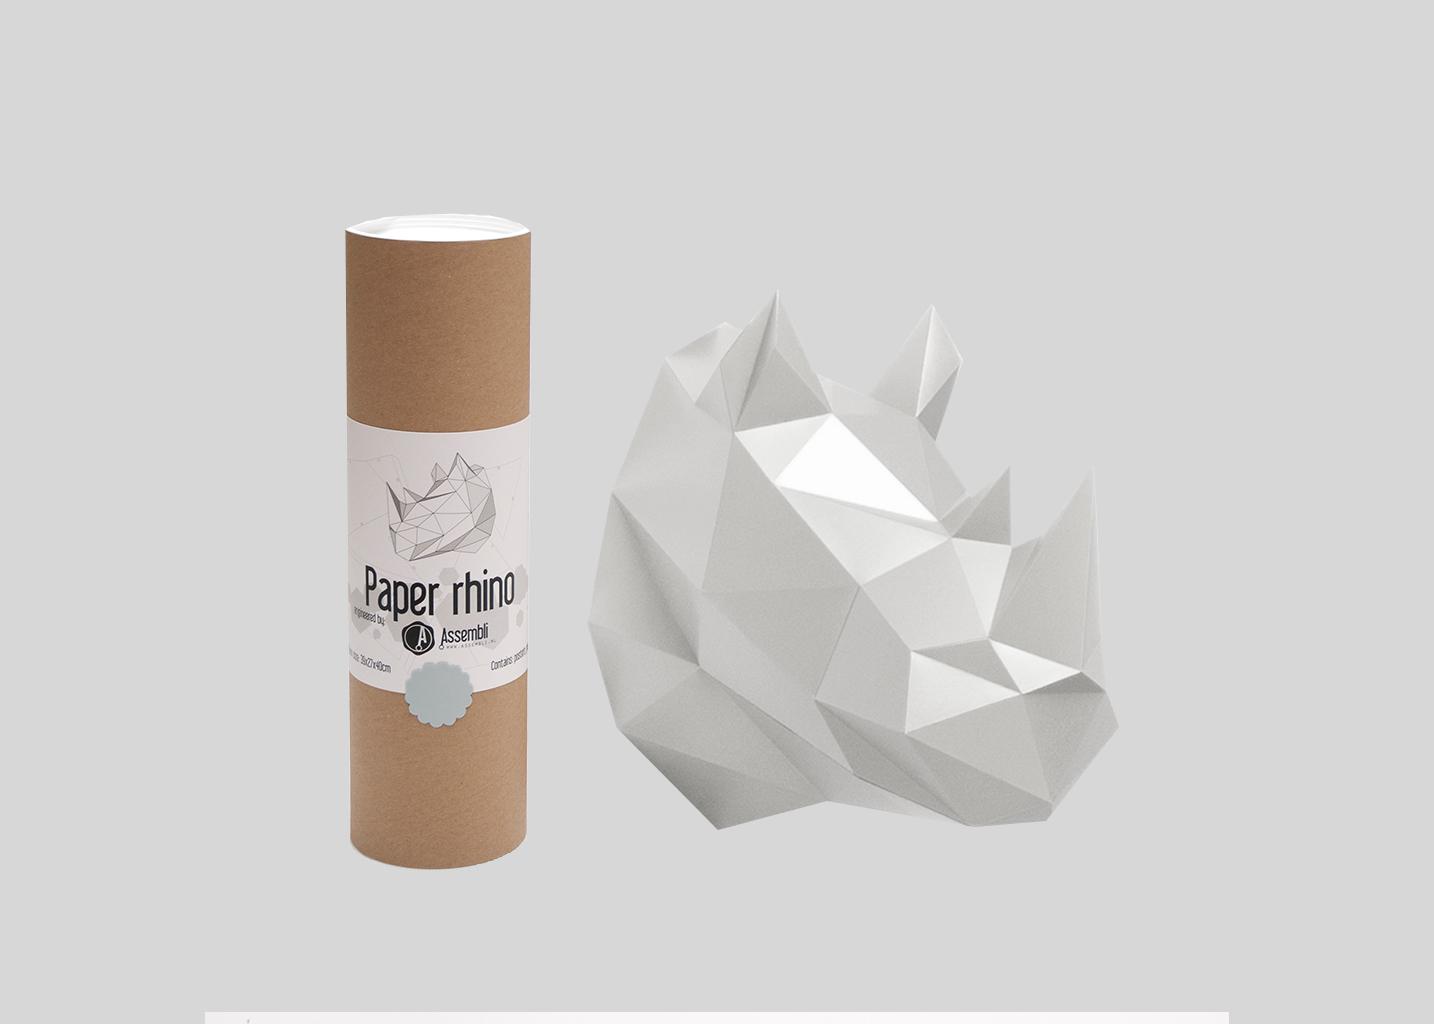 bois-blanc-liste-noel-kc-99134141833-08gr-assembli-kitrhino-01.jpg